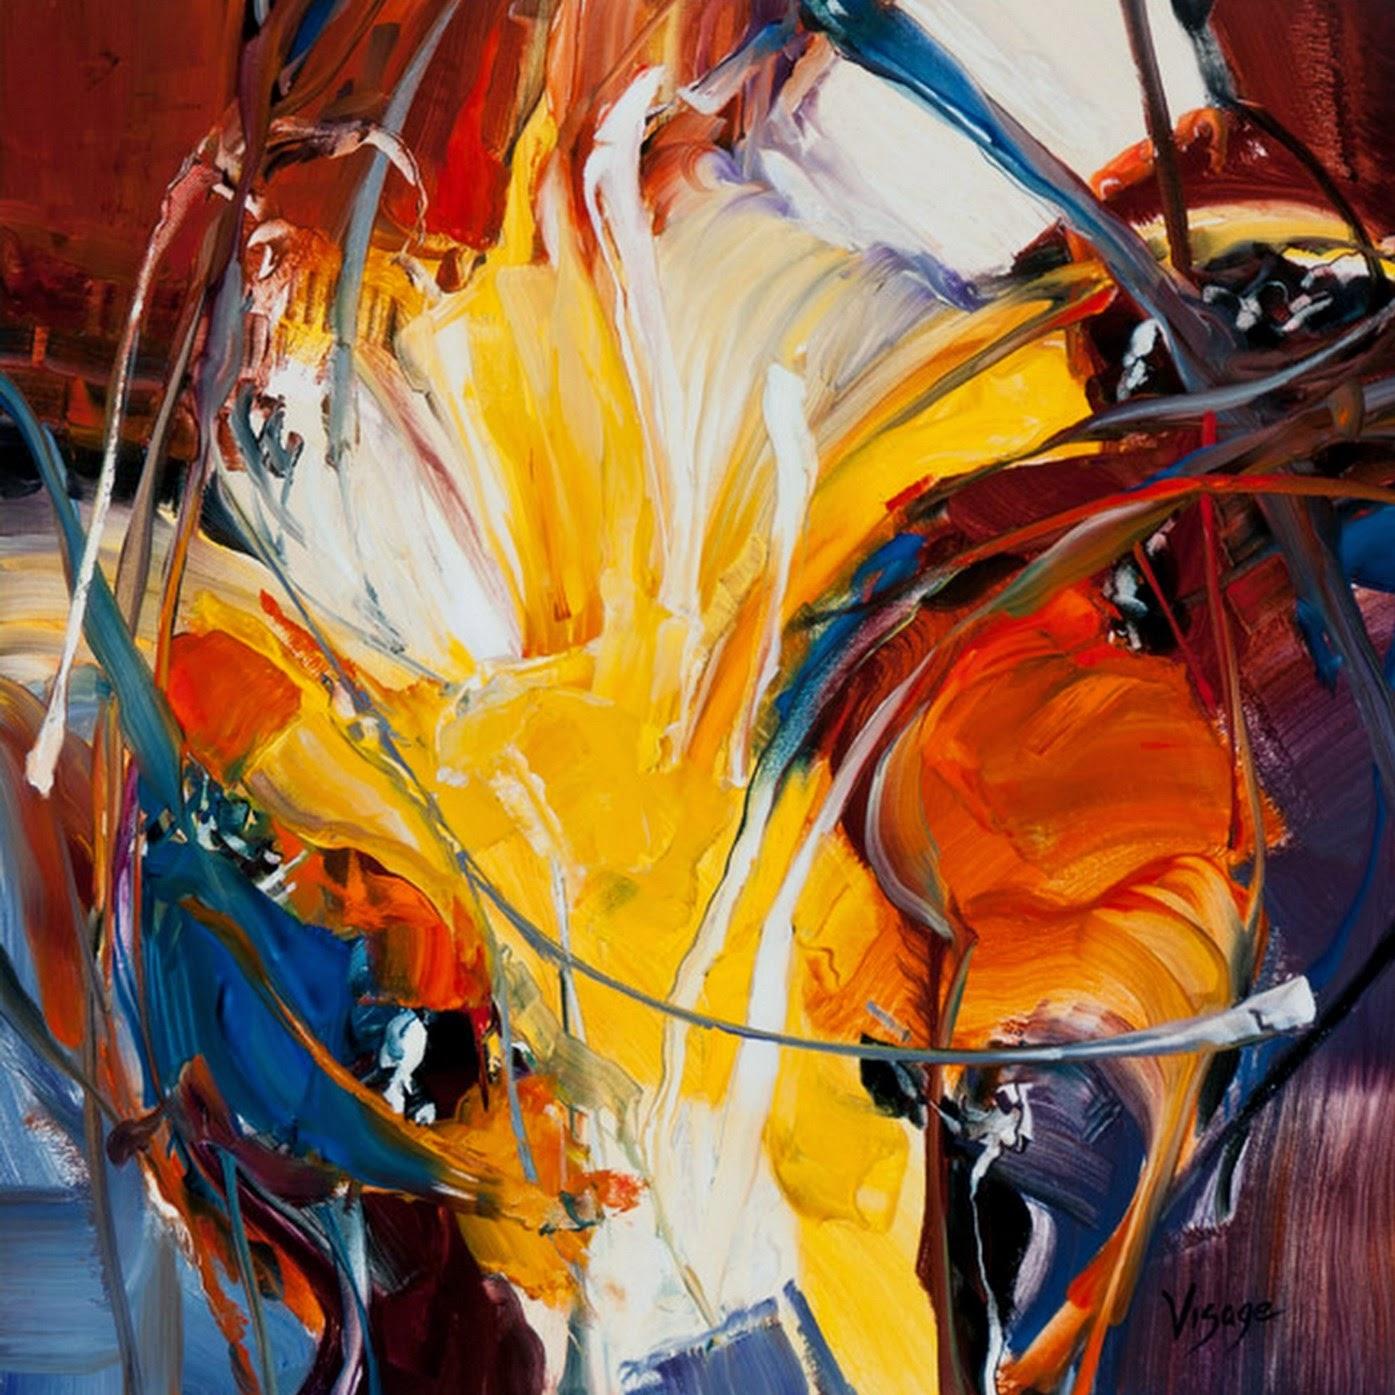 Cuadros modernos cuadros modernos pinturas al leo - Pintura cuadros modernos ...